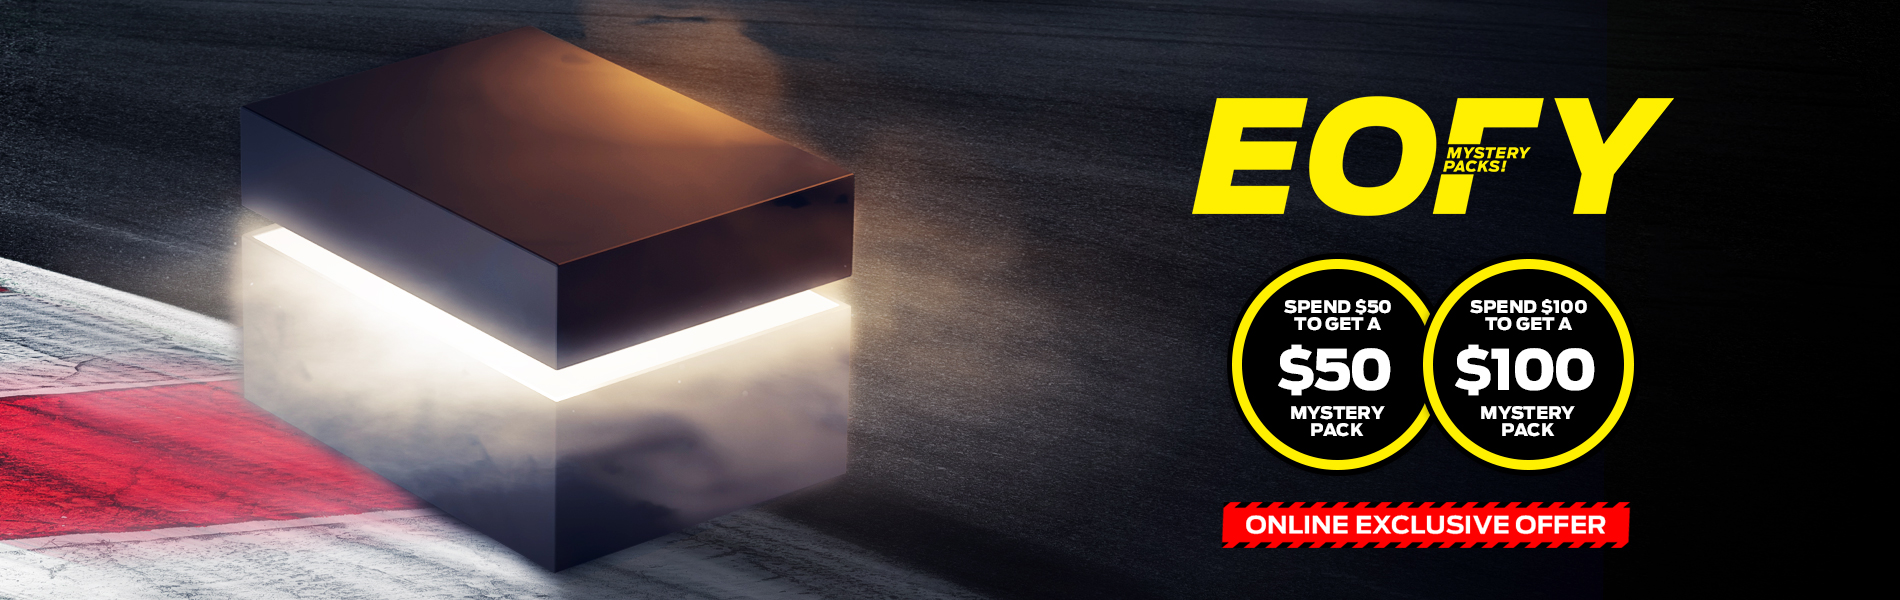 Mystery-packs-homepage-IR